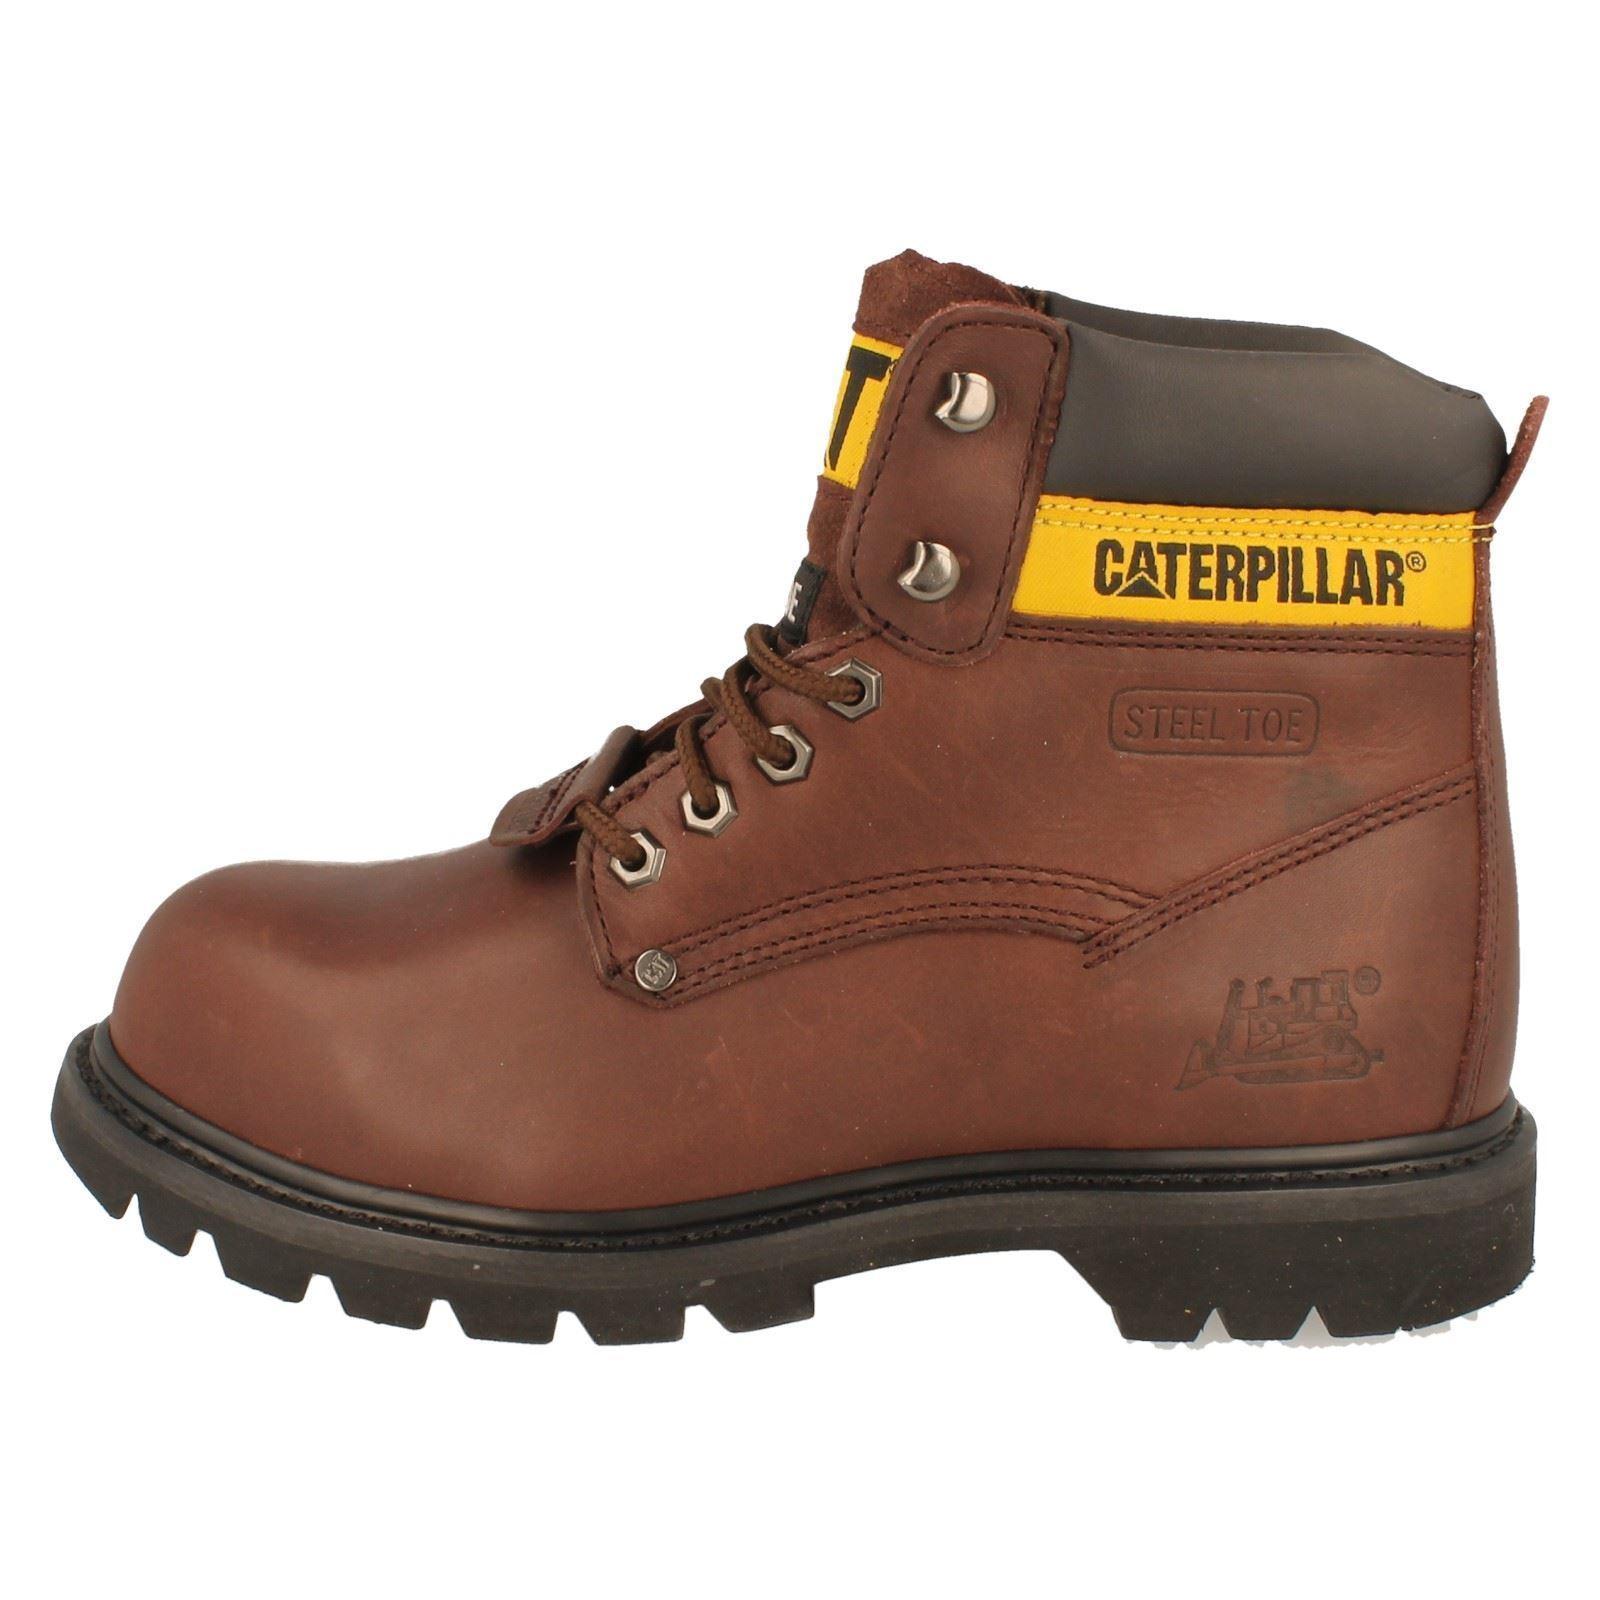 Para Hombre Caterpillar Puntera De De Acero Botas De De Trabajo De Seguridad Del Estilo-Sheffield 6d9167